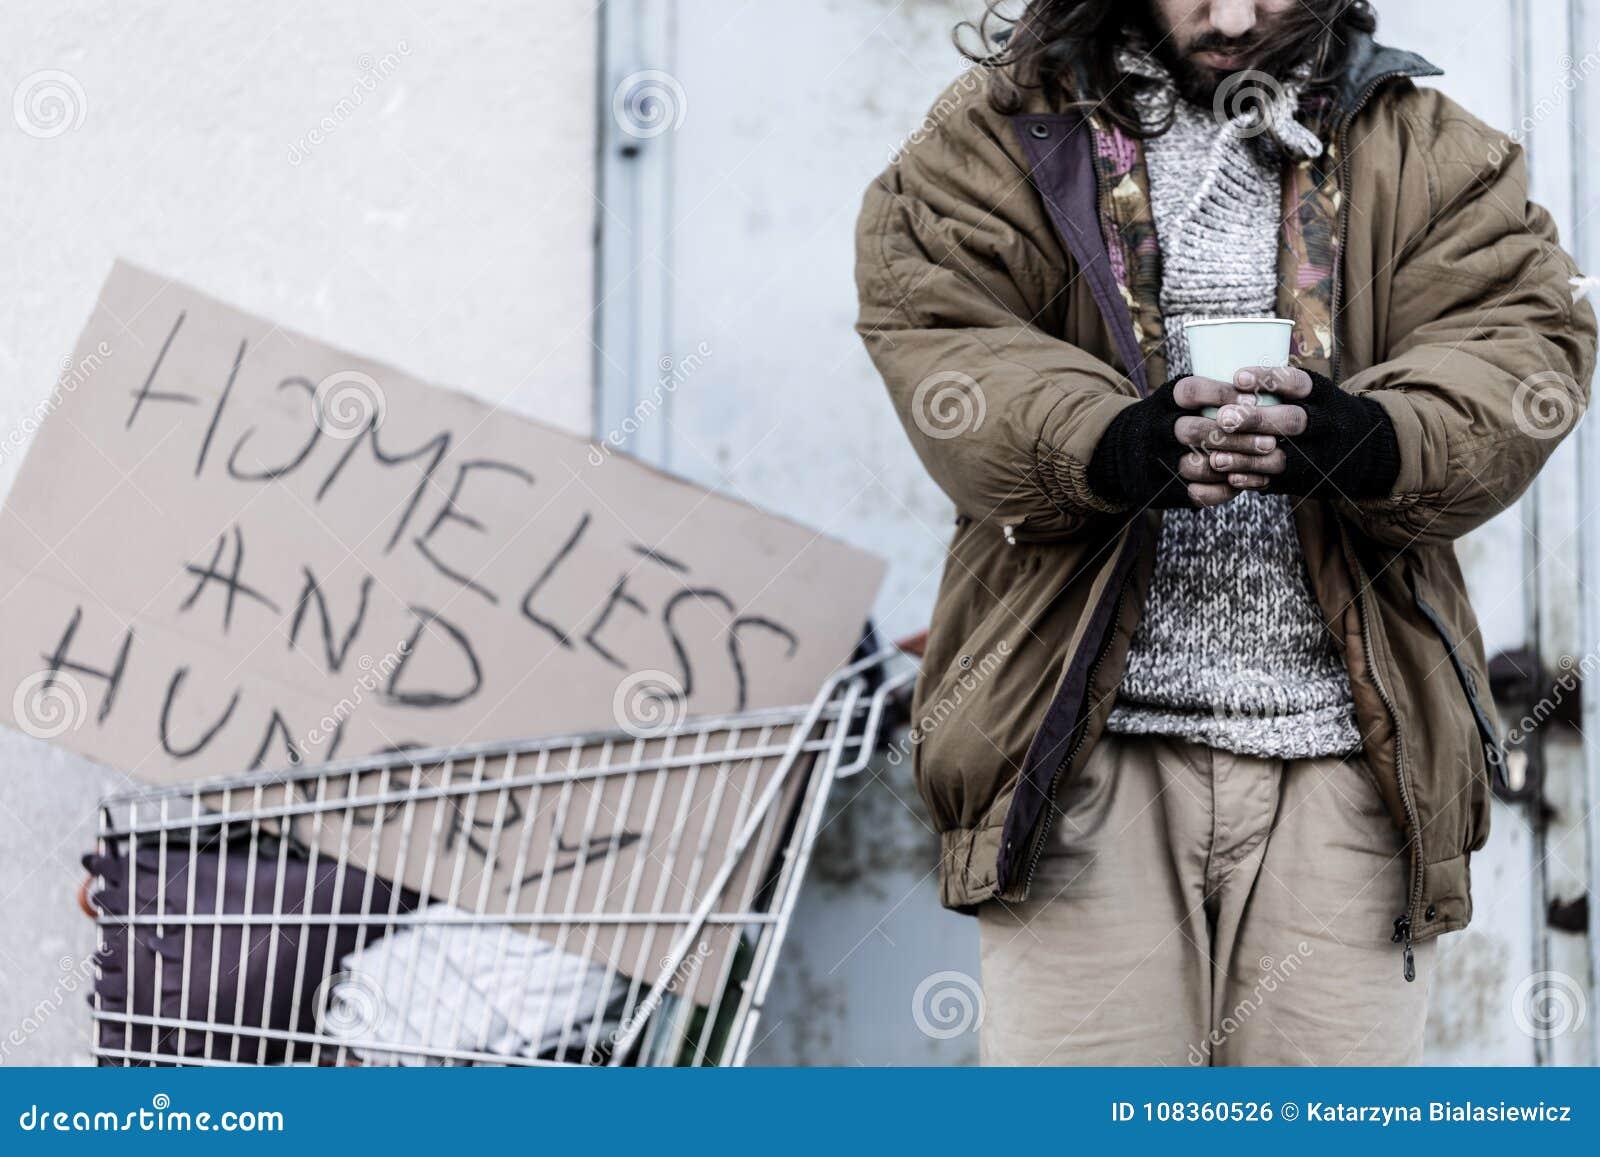 Бездомный и голодный vagrant